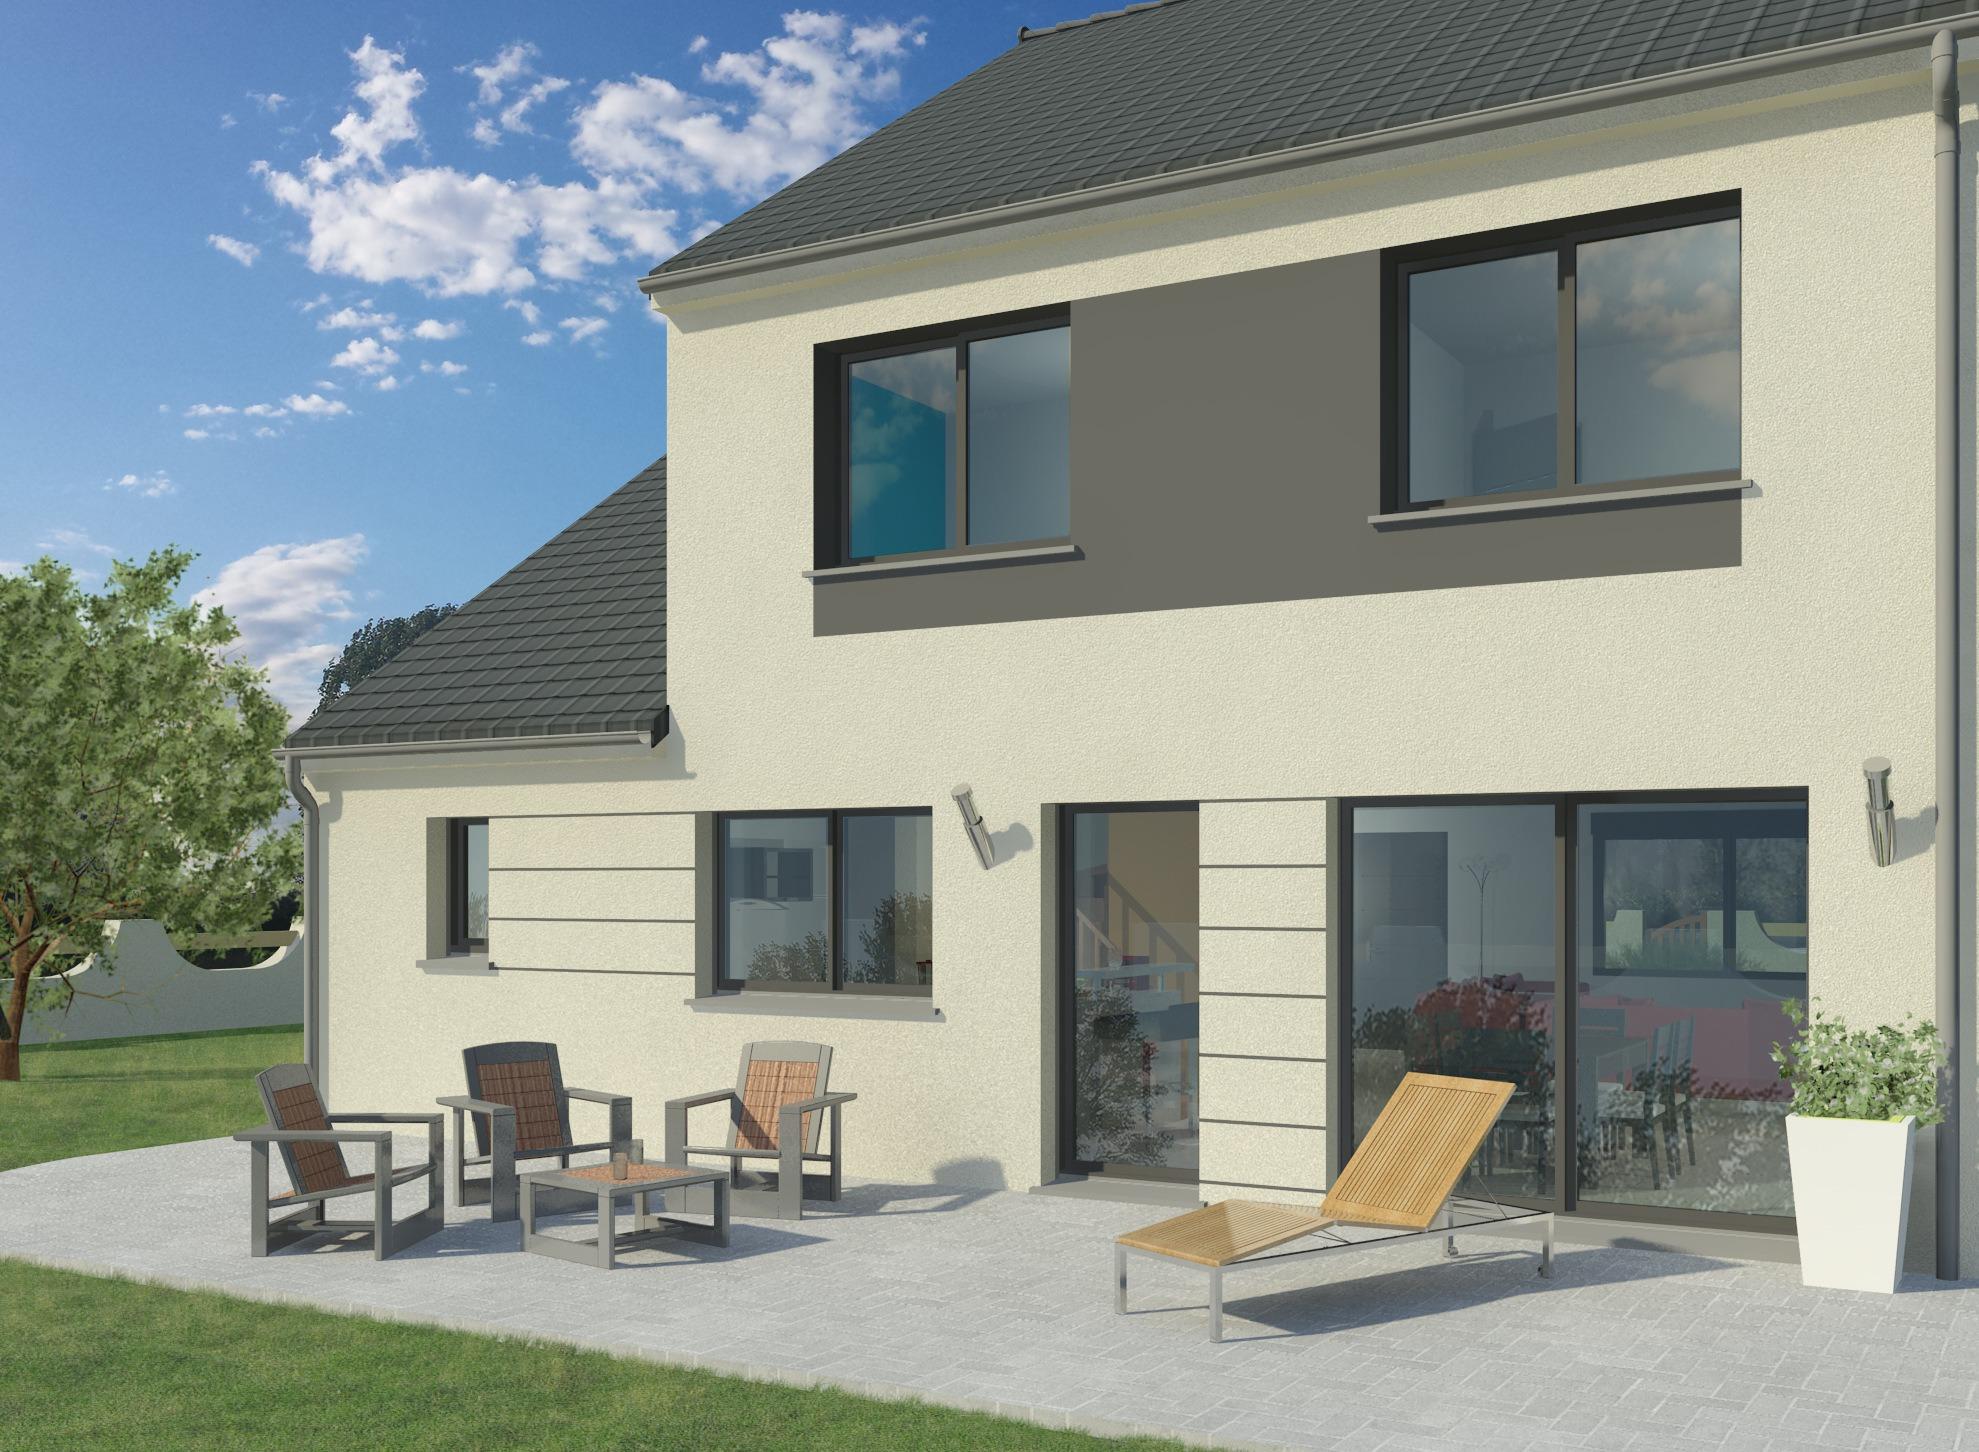 Maisons + Terrains du constructeur MAISON FAMILIALE • 118 m² • MONCEL SUR SEILLE